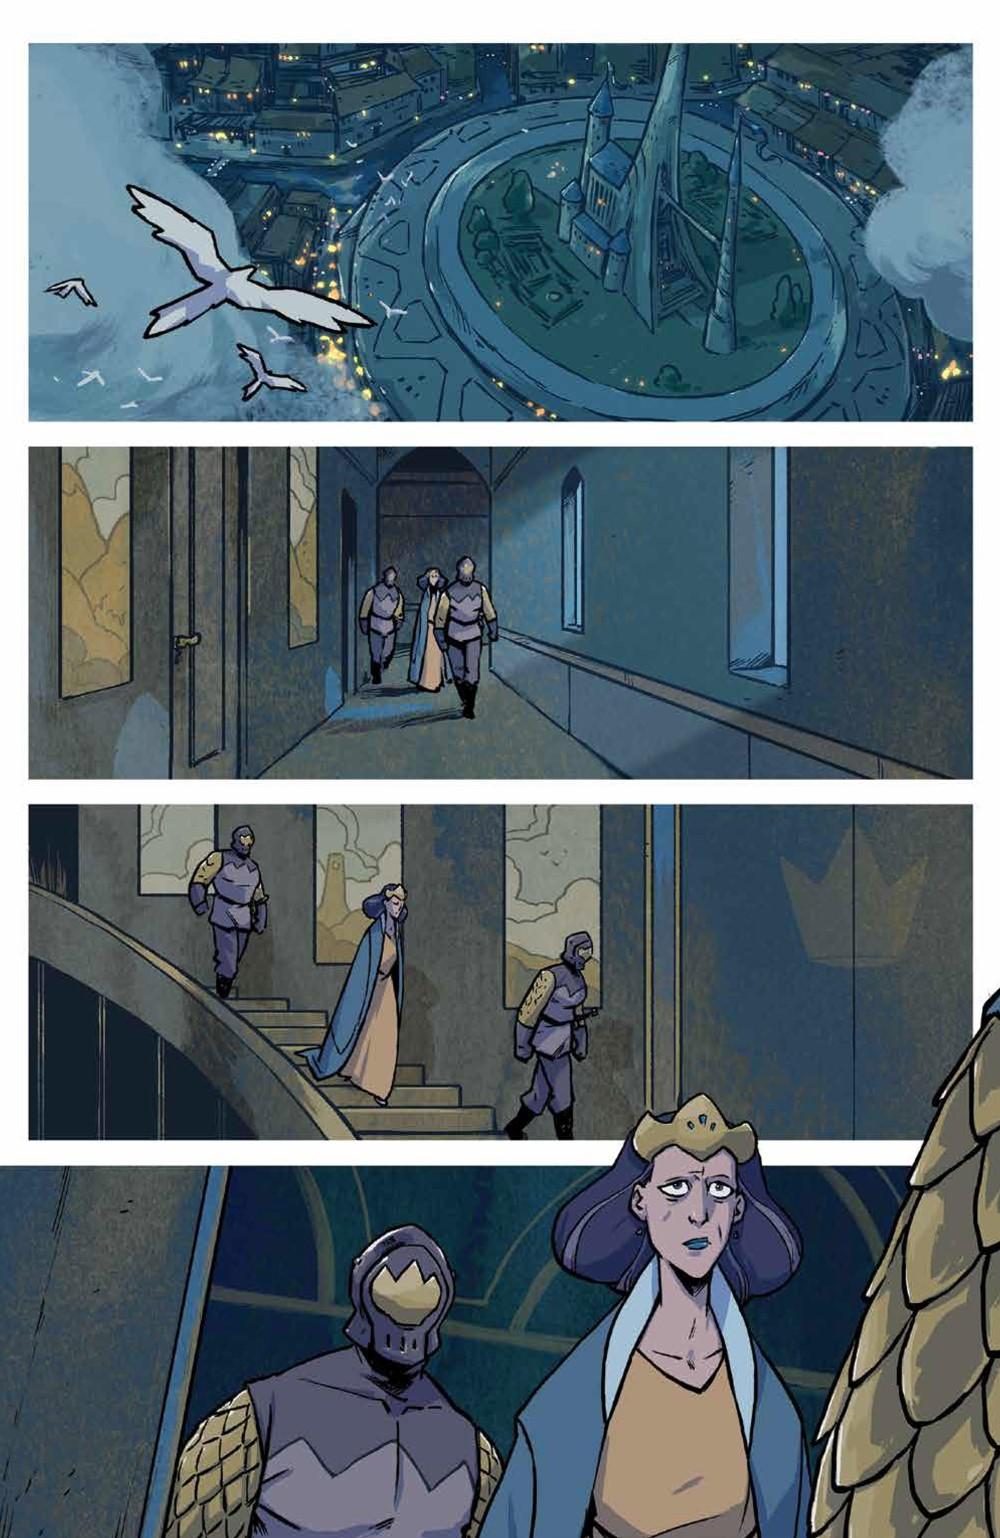 Wynd_009_PRESS_3 ComicList Previews: WYND #9